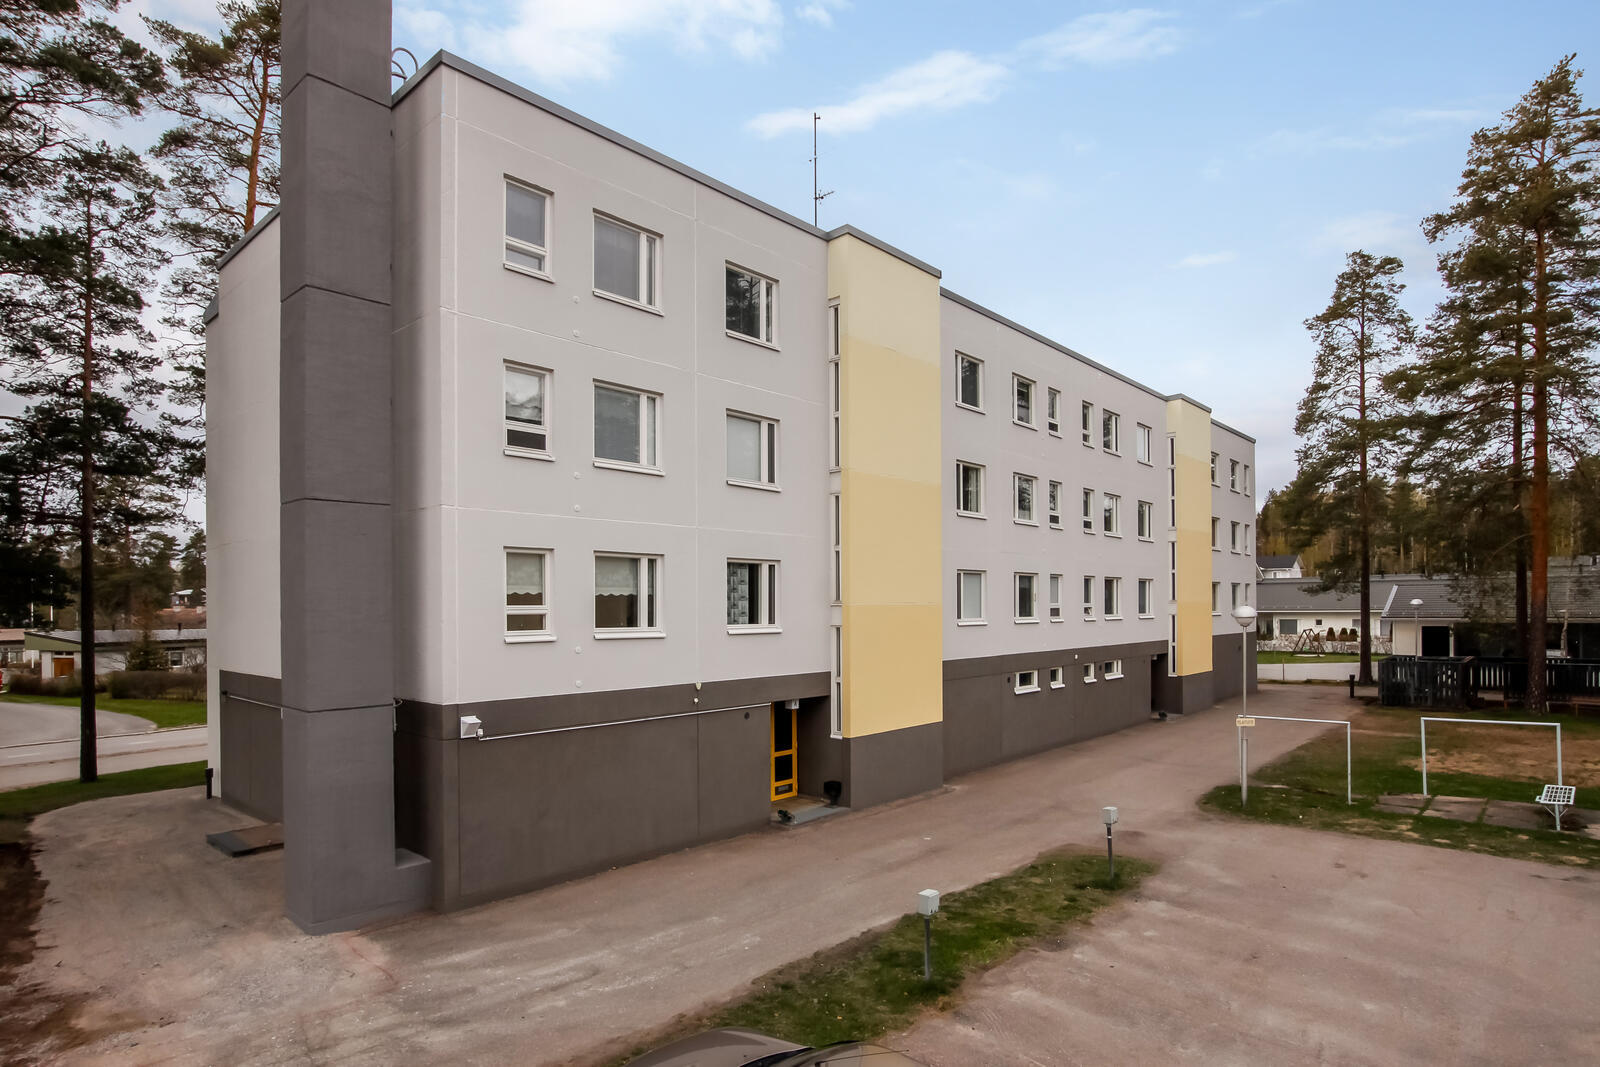 Mattila/Mäntylä, Lappeenranta